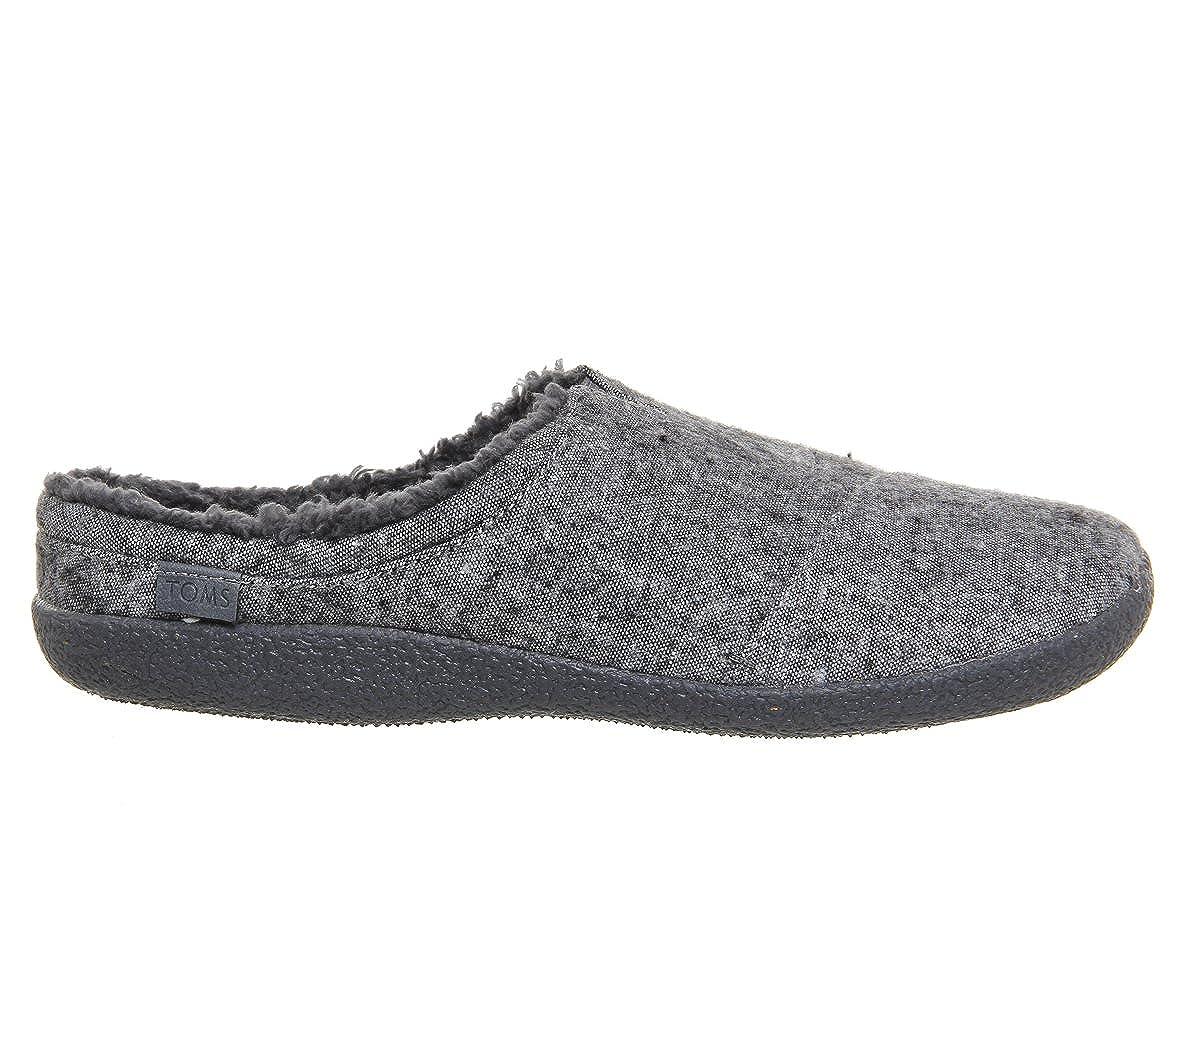 d158fe22da4 TOMS Mens Berkeley Slipper Grey Slub Textile 7 D(M) US  Amazon.in  Shoes    Handbags